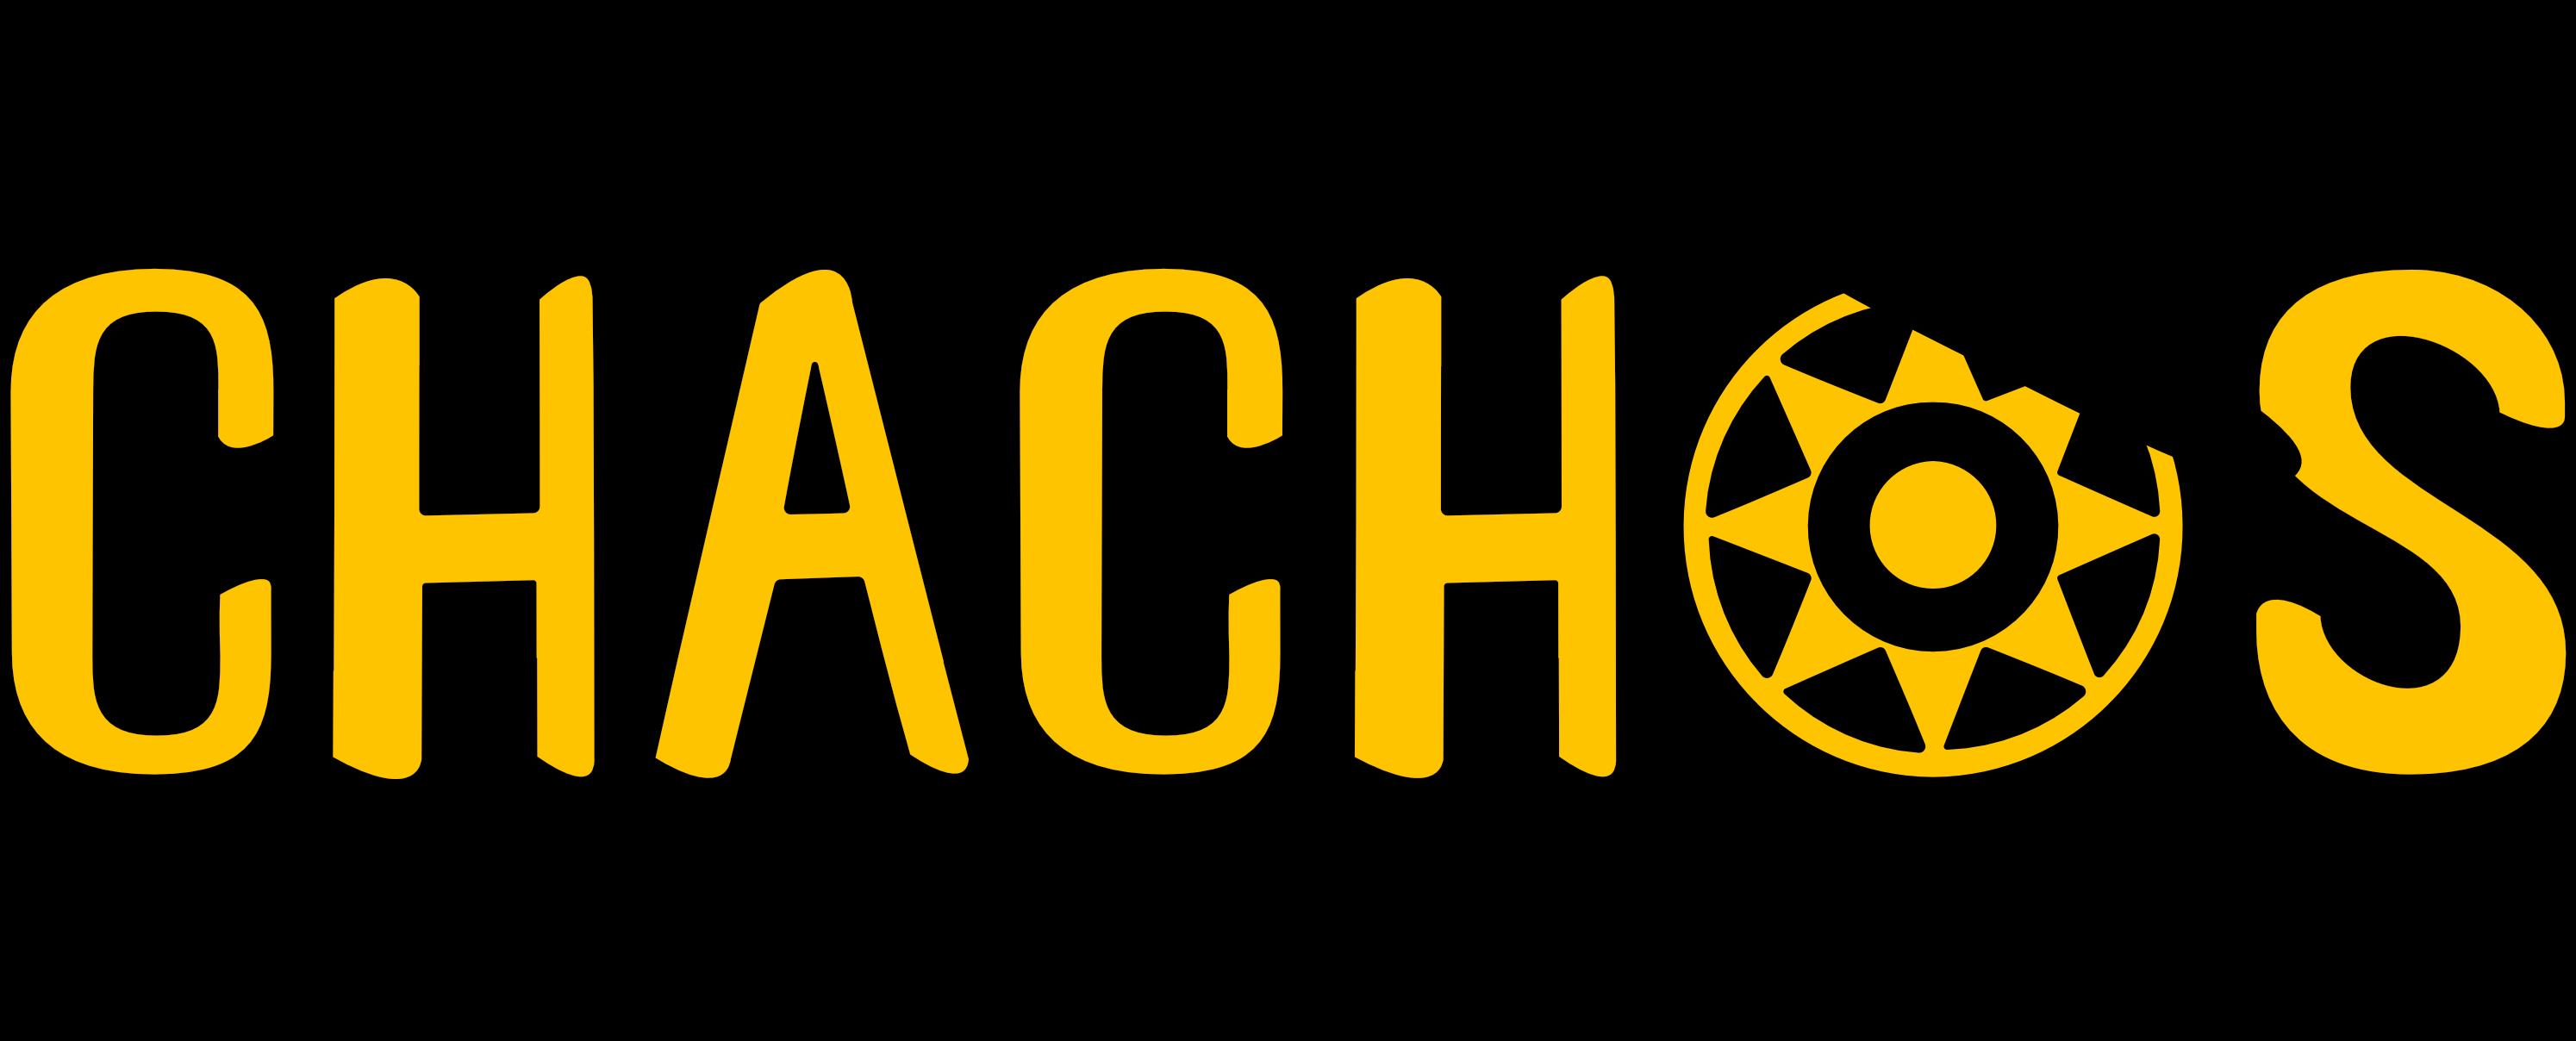 Chachos canarios logo.png